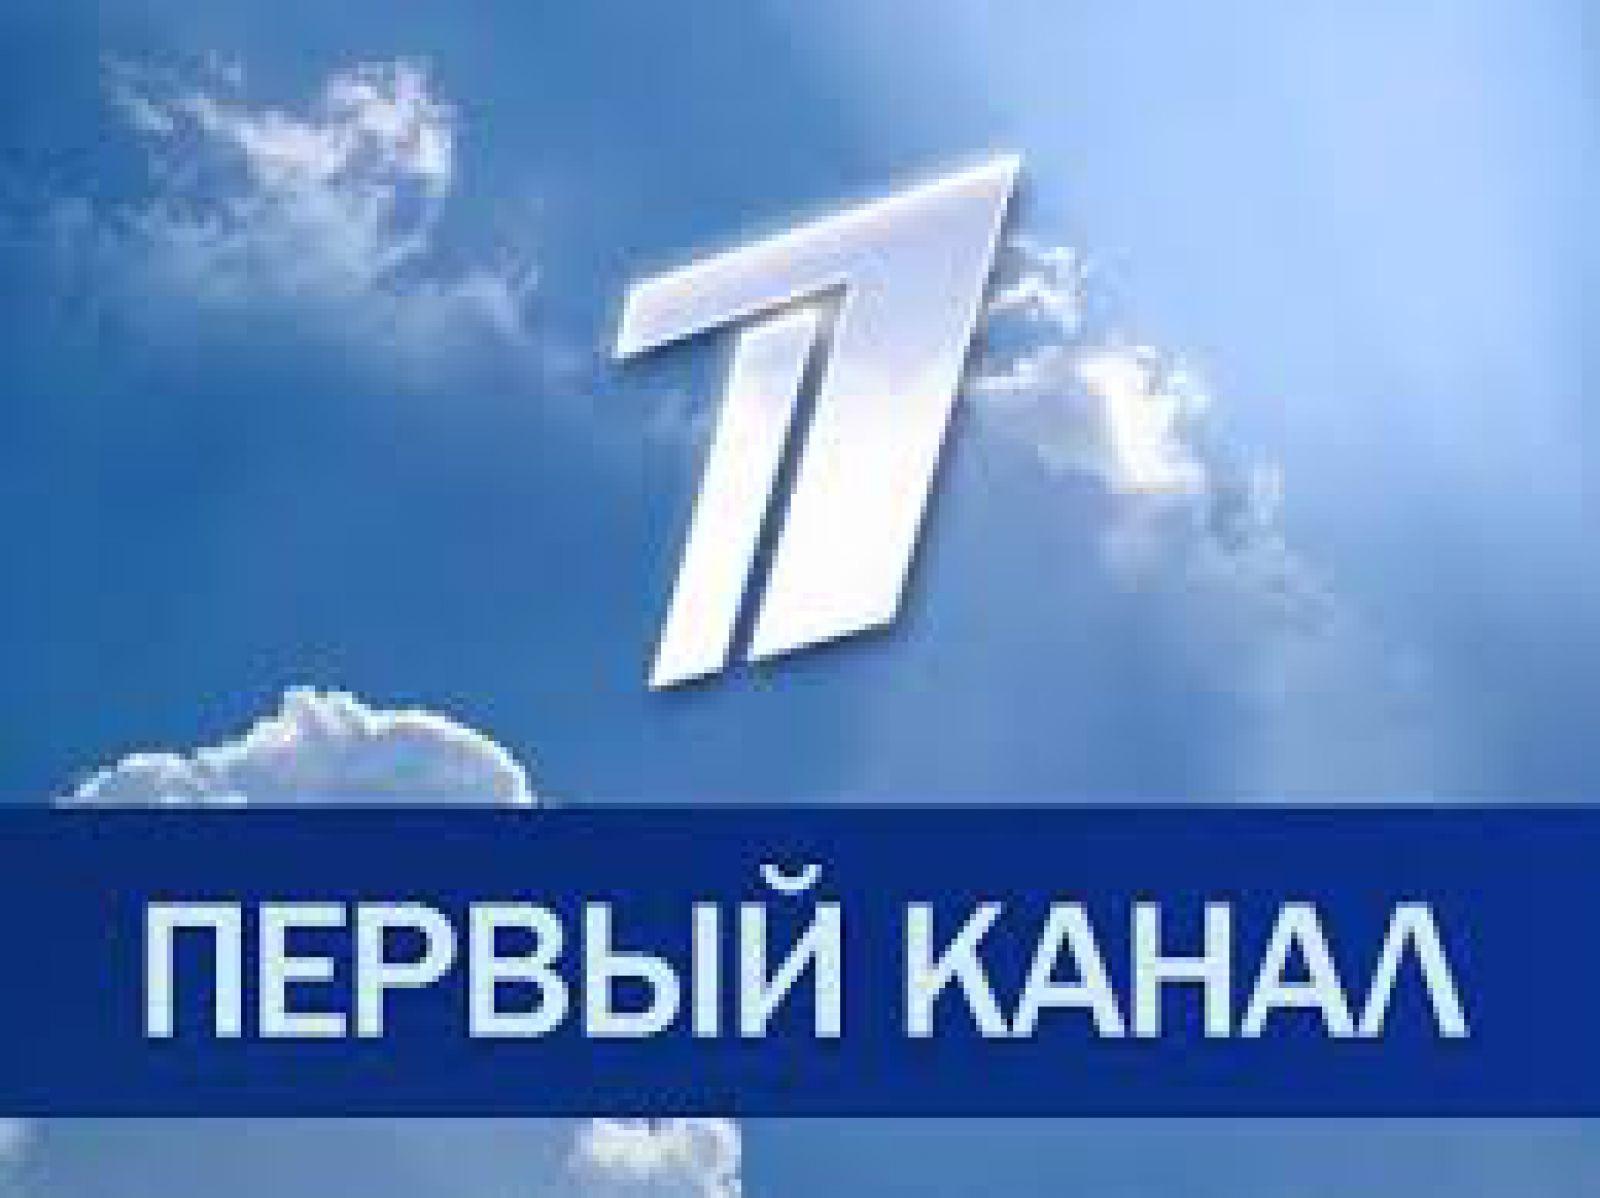 Спутниковые каналы для взрослых смотреть онлайн бесплатно без регистрации 16 фотография